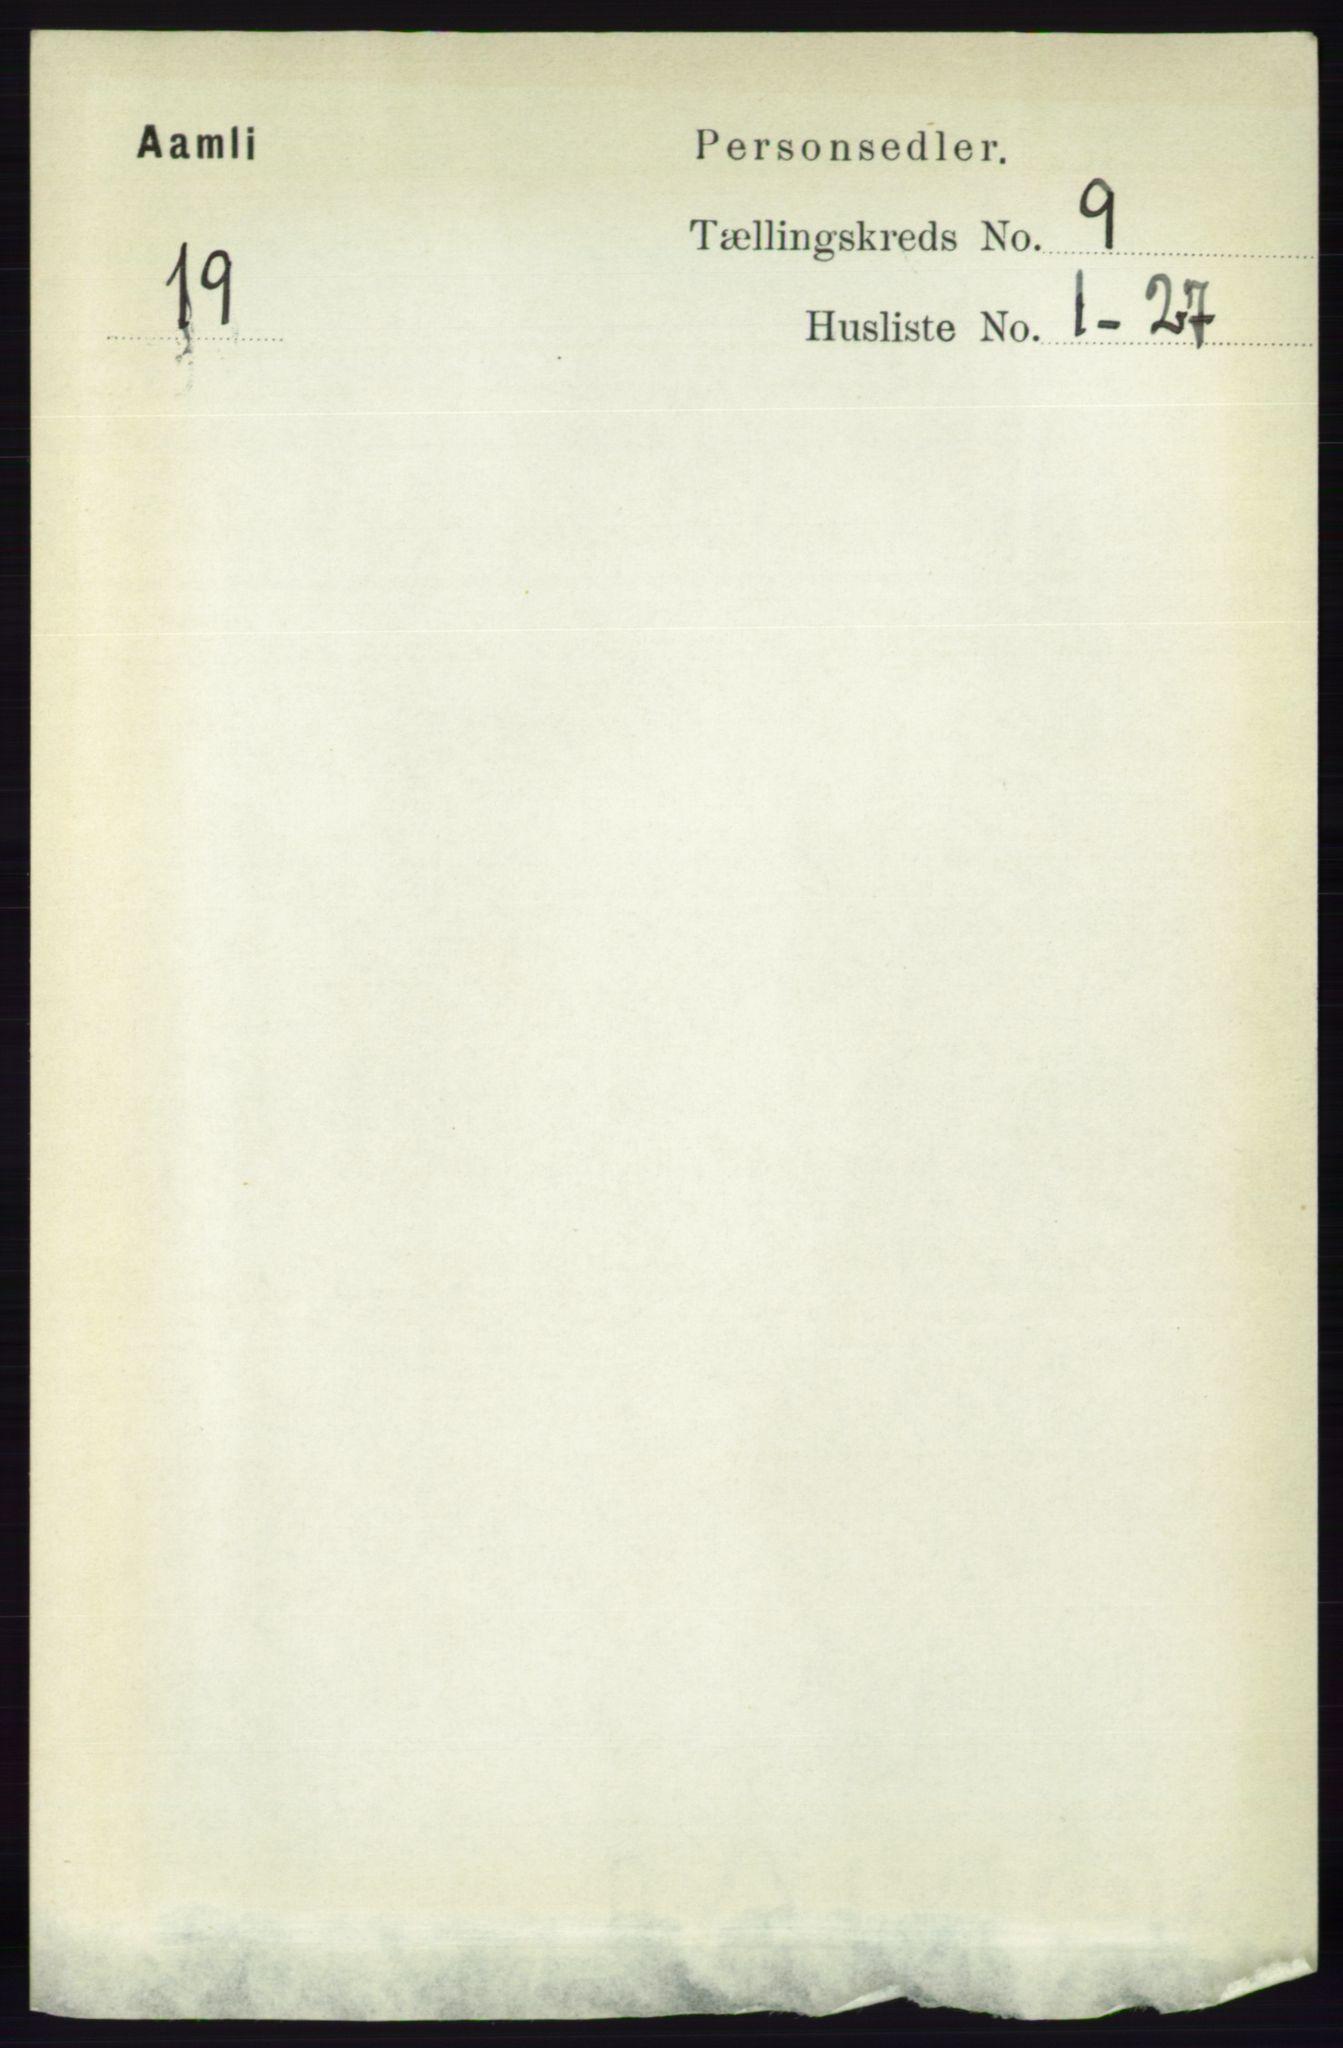 RA, Folketelling 1891 for 0929 Åmli herred, 1891, s. 1455